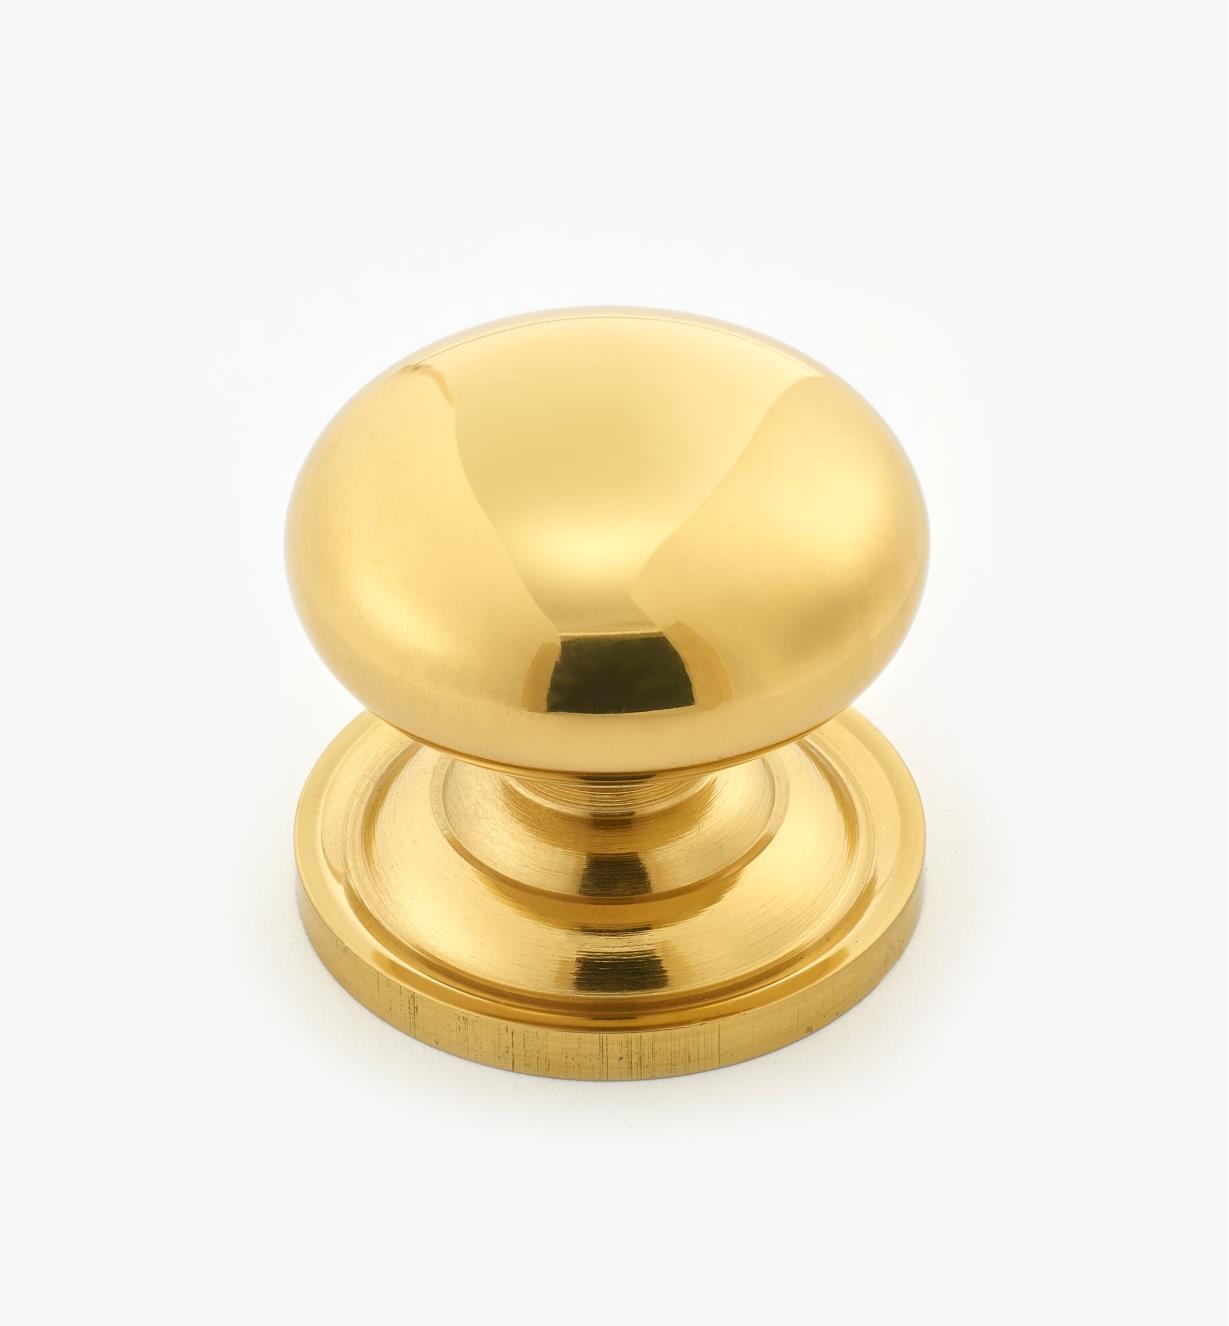 """00W9011 - 1 1/8"""" x 1 1/8"""" Solid Brass Knob"""